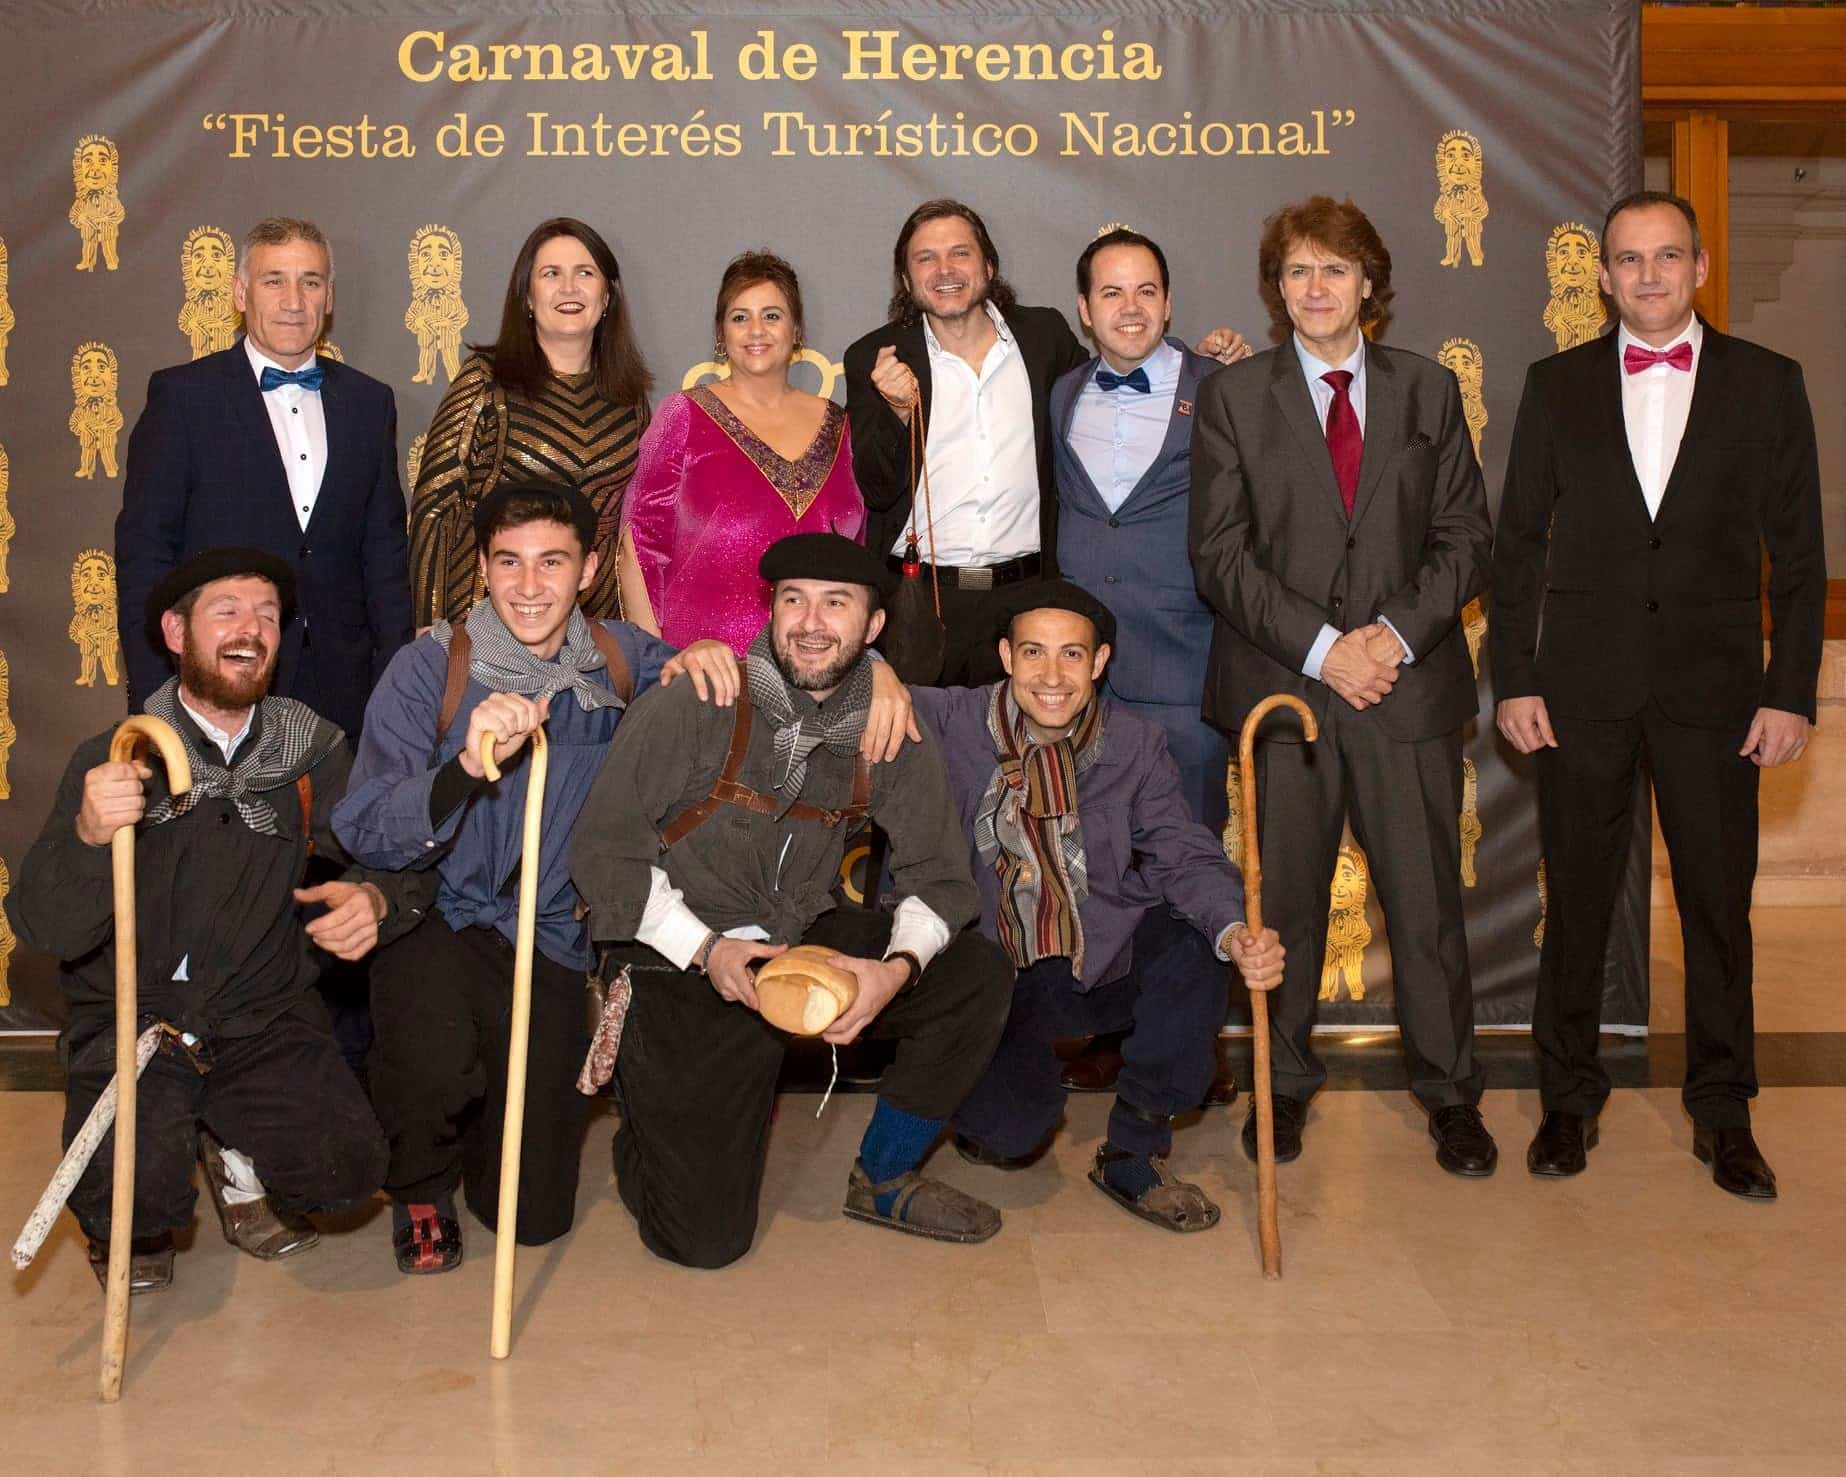 inauguracion carnaval 2020 herencia 22 - Inauguración del Carnaval de Herencia 2020